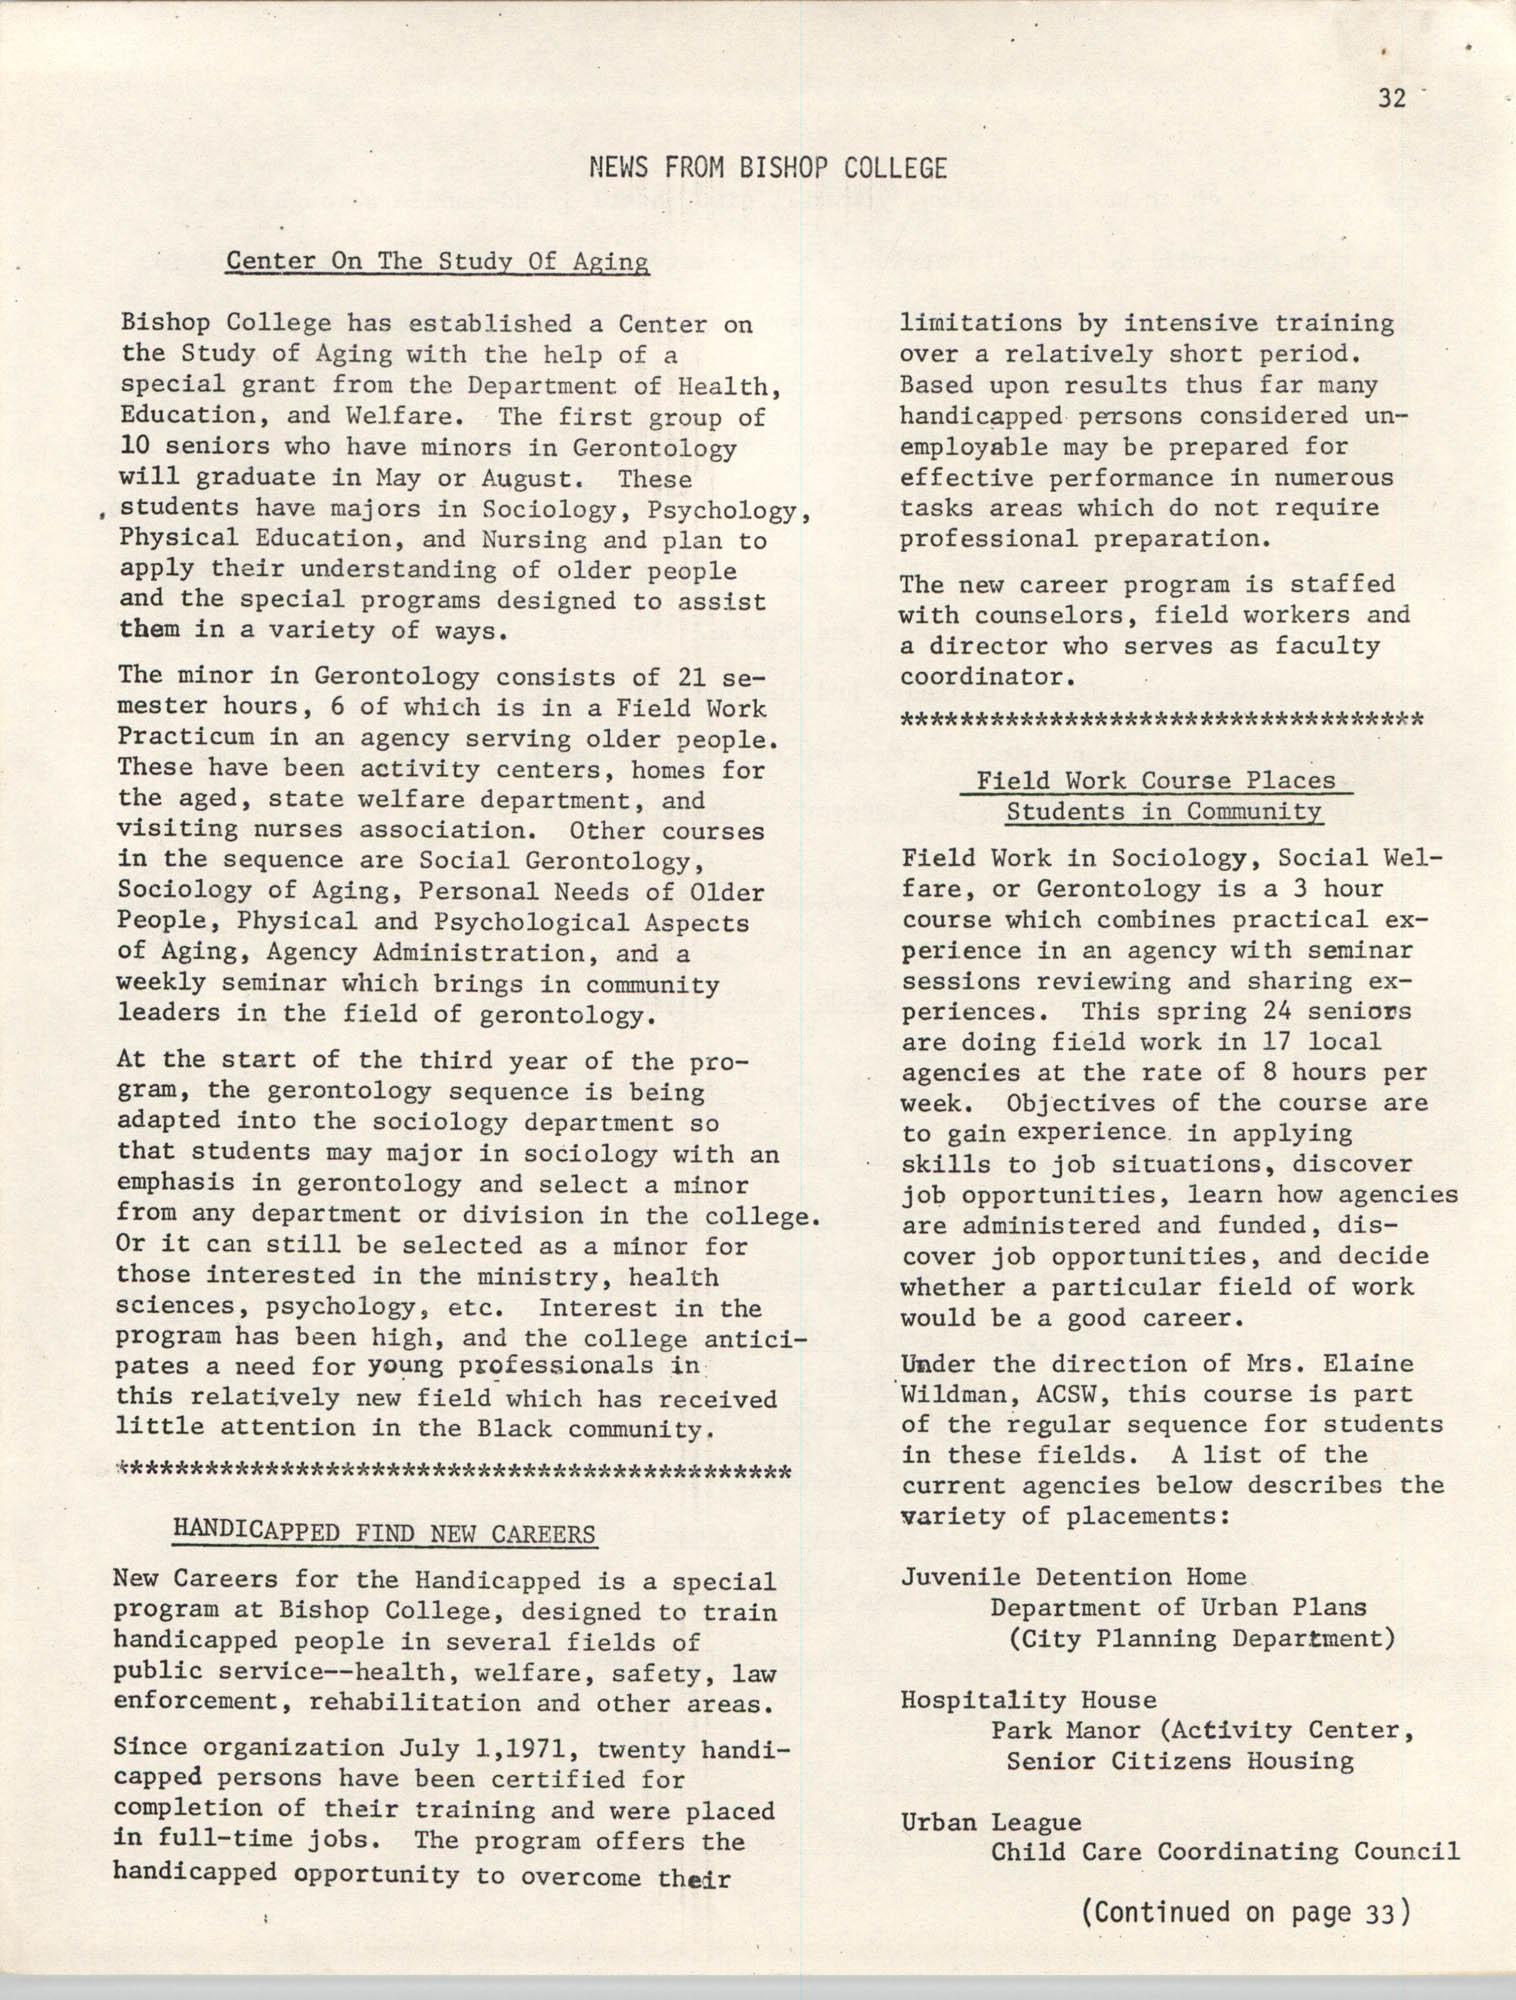 SHARE, Volume I, Number 8, April 1973, Page 32